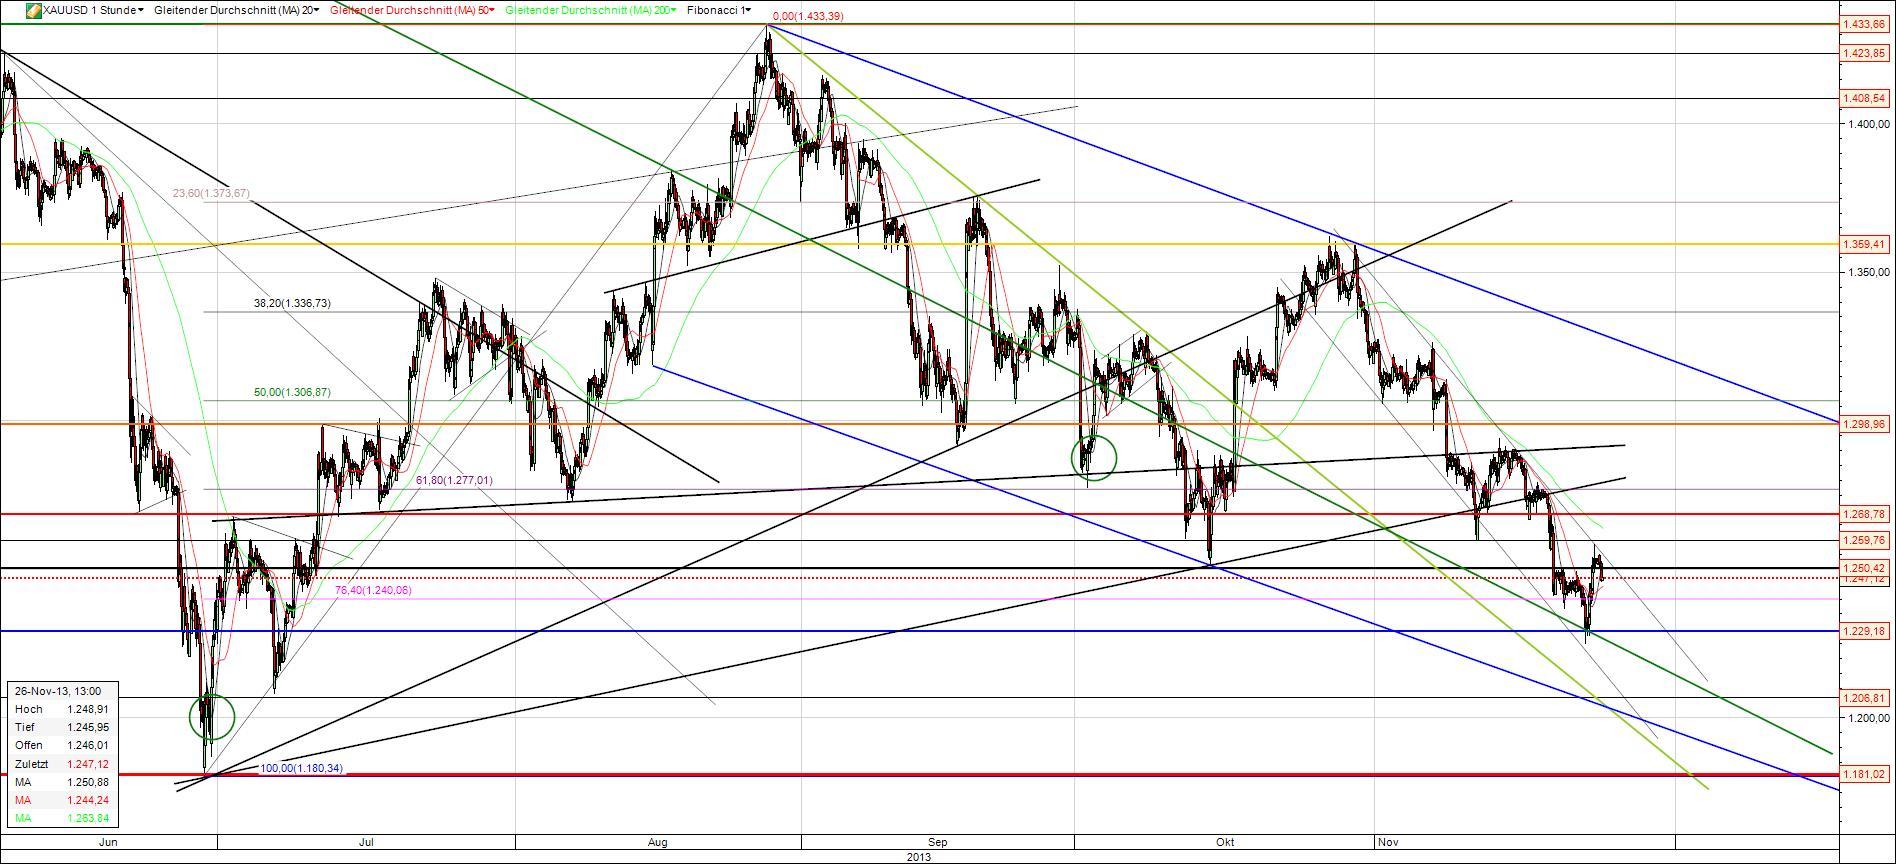 Der Deutsche Aktienindex (DAX) ist der Leitindex für den deutschen Aktienmarkt und damit der wichtigste und bekannteste Index in Deutschland.